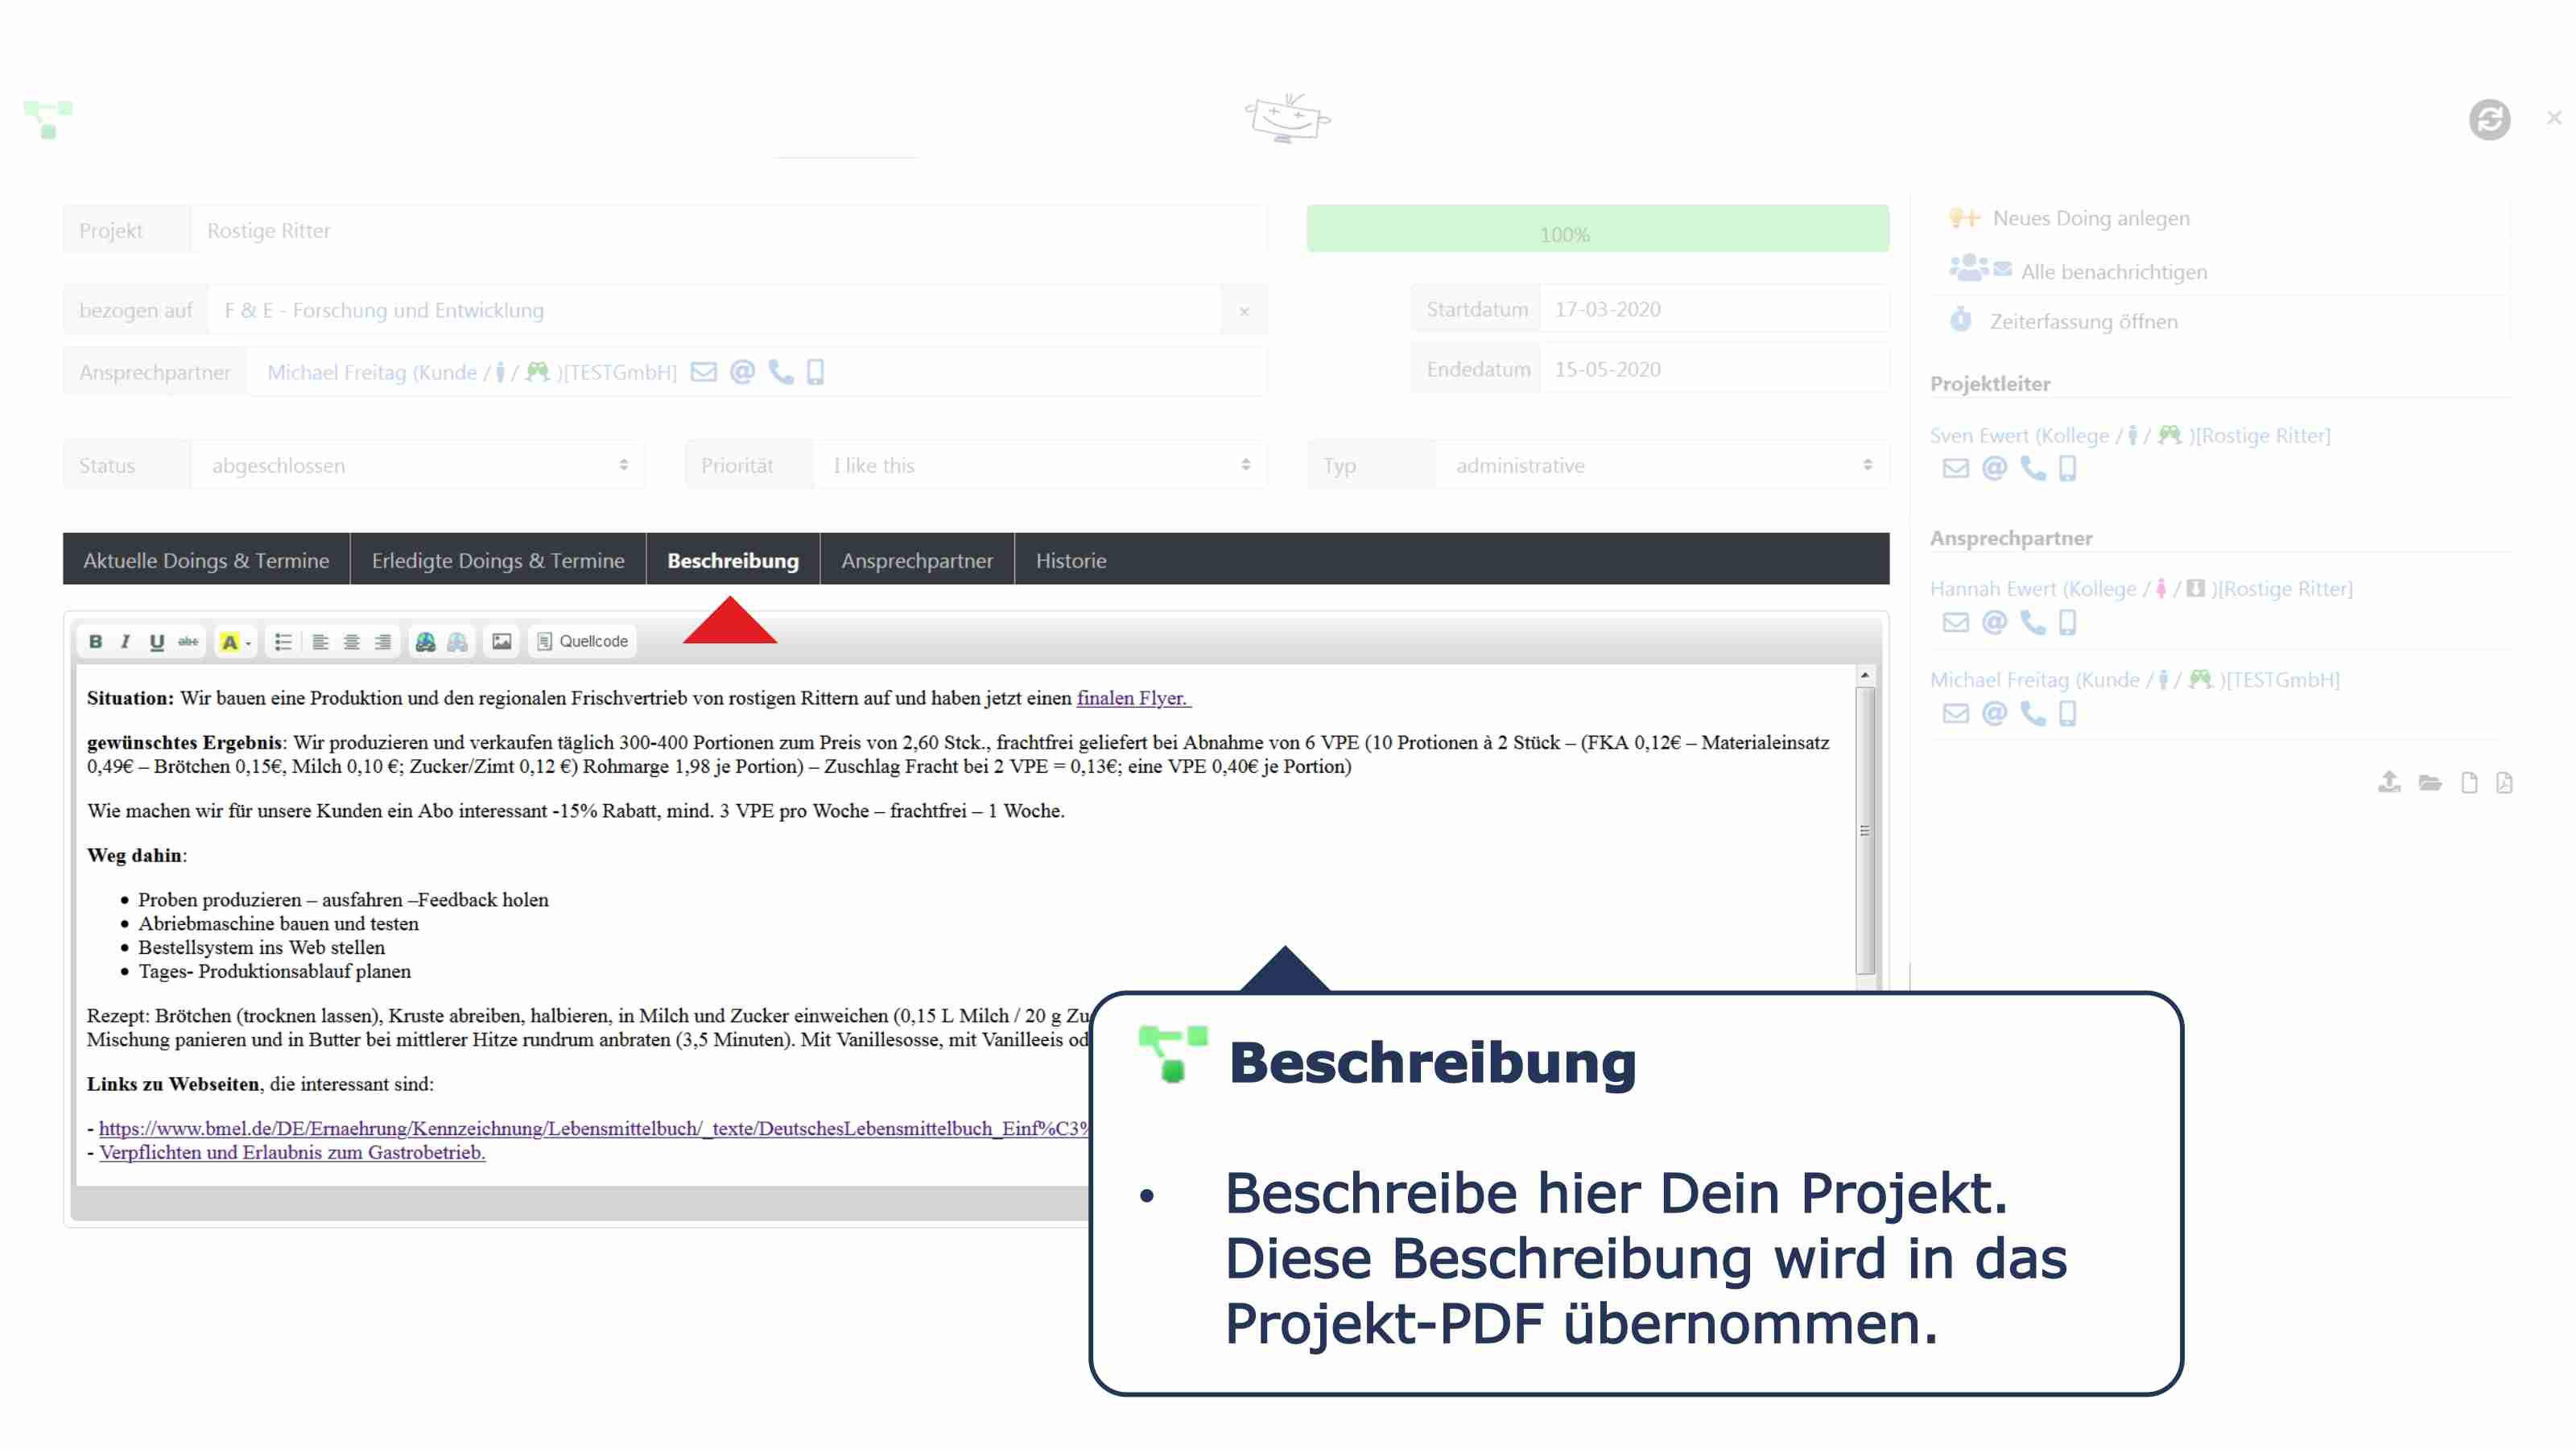 Projekte Details Beschreibung